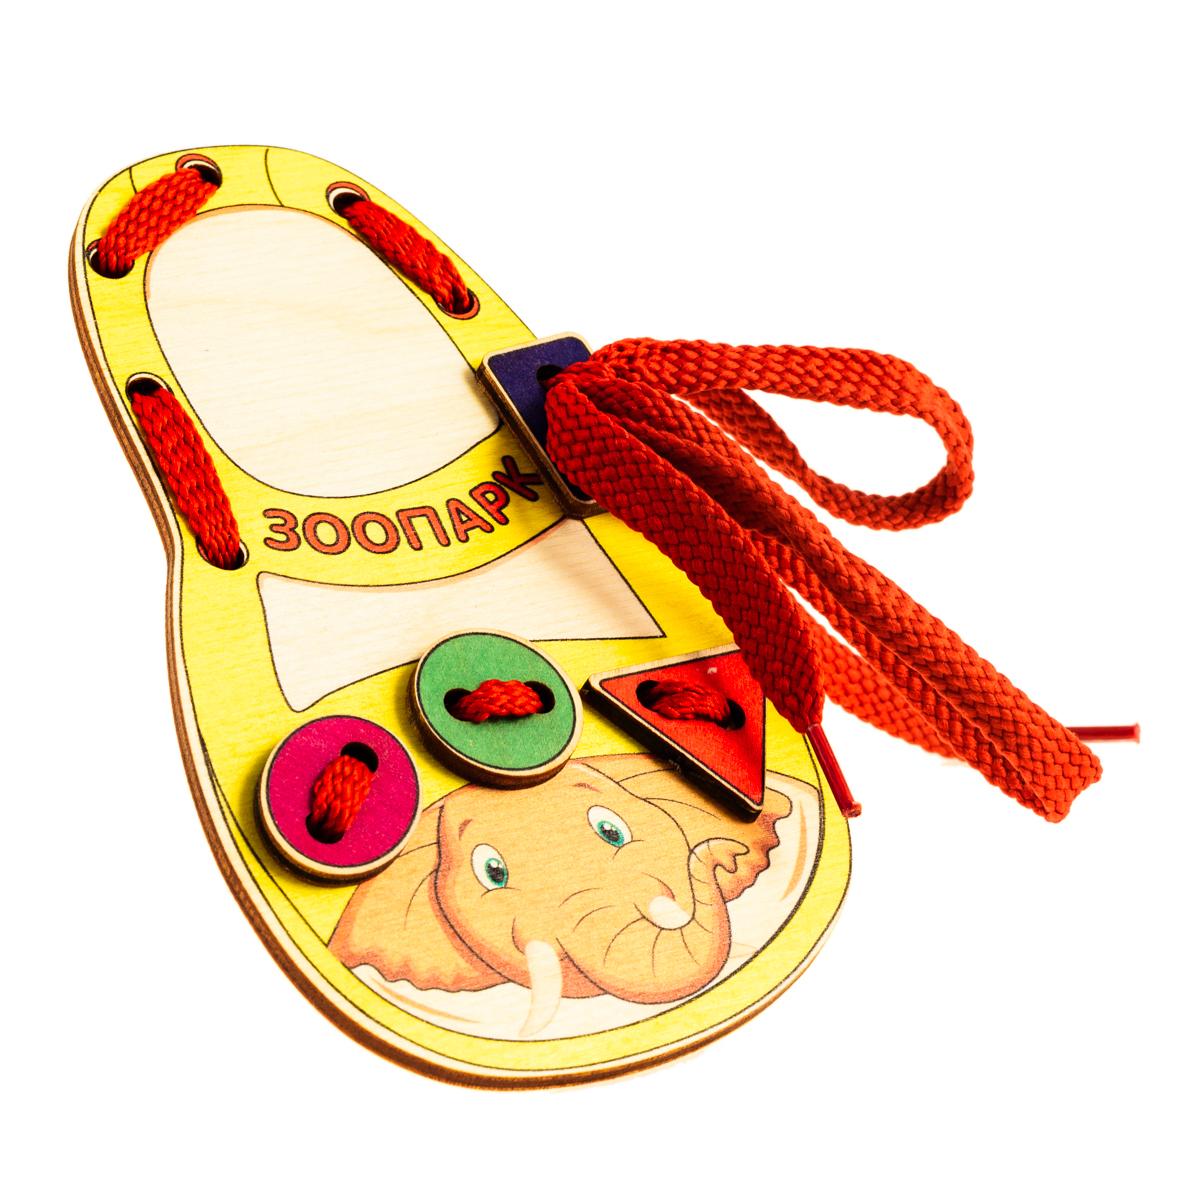 Развивающие деревянные игрушки Шнуровка Башмачок Зоопарк СлоненокД510аШнуровка из качественных деревоматериалов - прекрасная игрушка для развития ребенка. Шнуровка-башмачок из обработанной фанеры непременно станет любимой игрушкой любопытного непоседы. Серия шнуровок ЗООПАРК в виде детского сандалика не только послужит незаменимым пособием для развития моторики ребенка, но и познакомит его с дикими животными и геометрическими фигурами: квадратом, кругом, овалом и треугольником. Насыщенные цвета и разнообразные формы будут стимулировать детское воображение и фантазию, развивать внимание, цветовое восприятие, моторику и координацию. ВНИМАНИЕ! Детали игрушки выполнены из натурального дерева (деревоматериала) без покрытия лаками или другими химическими составами. Перед использованием удалите остатки древесины и древесную пыль, тщательно протерев детали игрушки мягкой тканью!